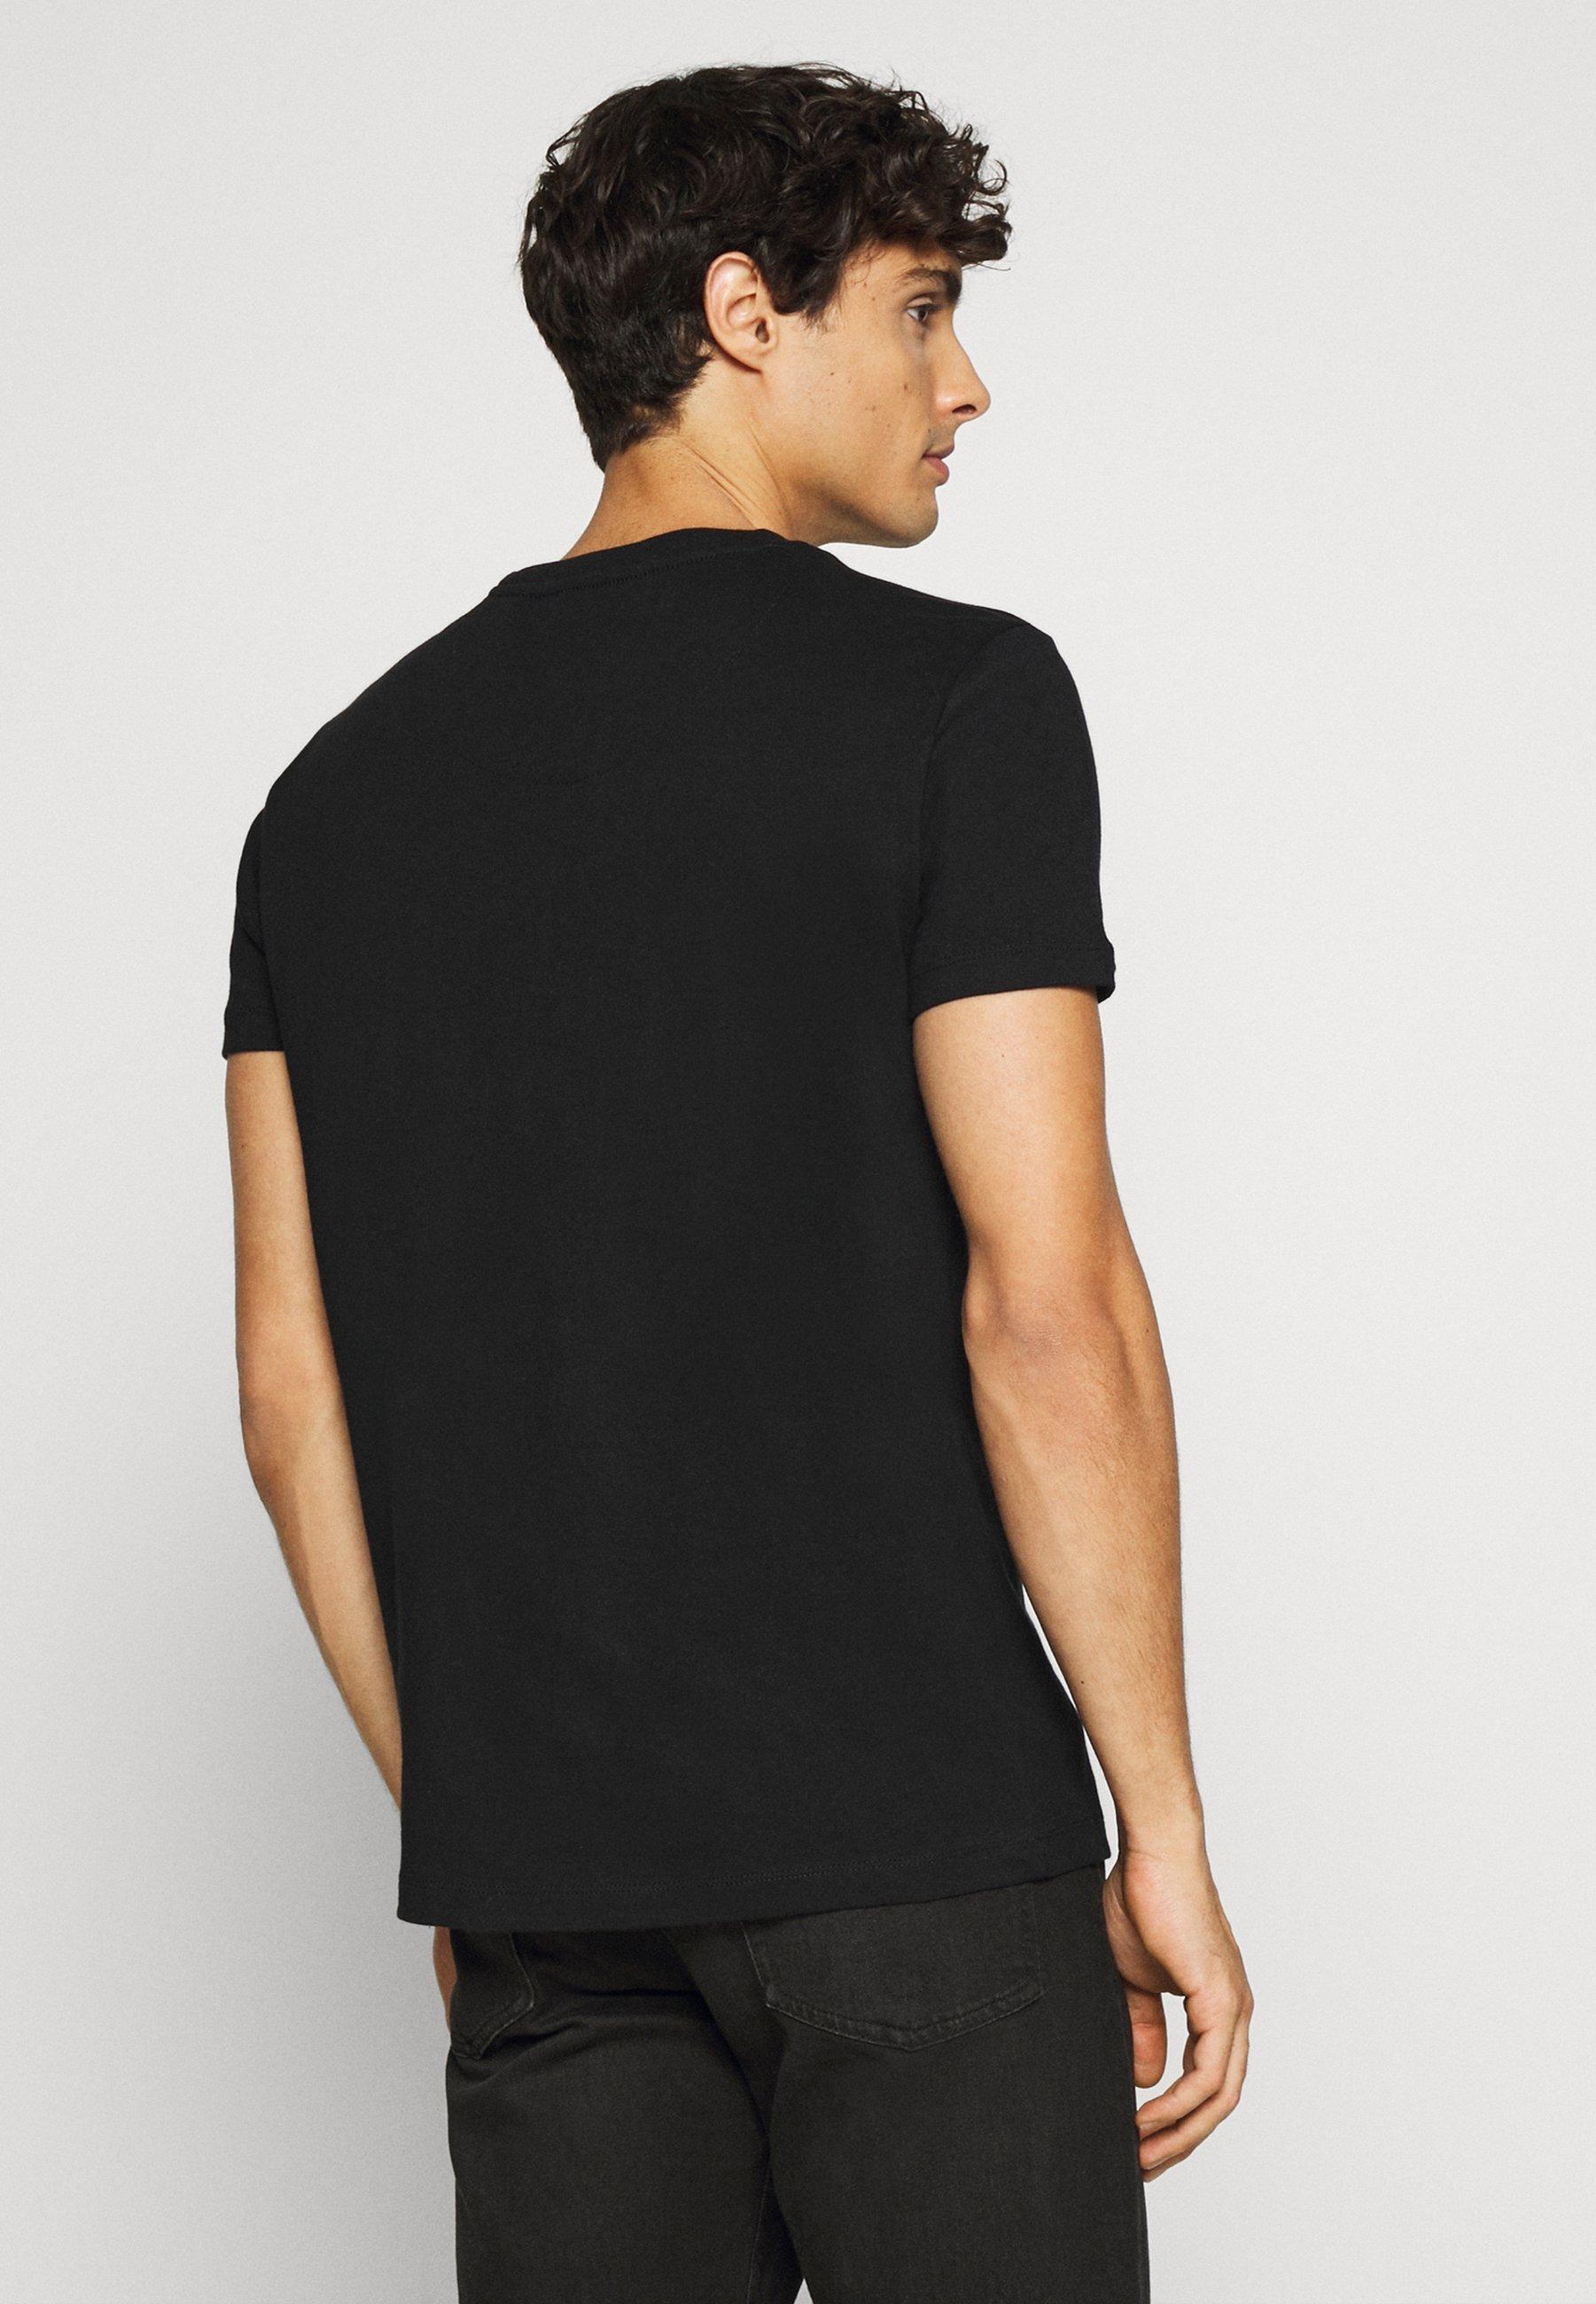 Petrol Industries Print T-shirt - black XsrSJ